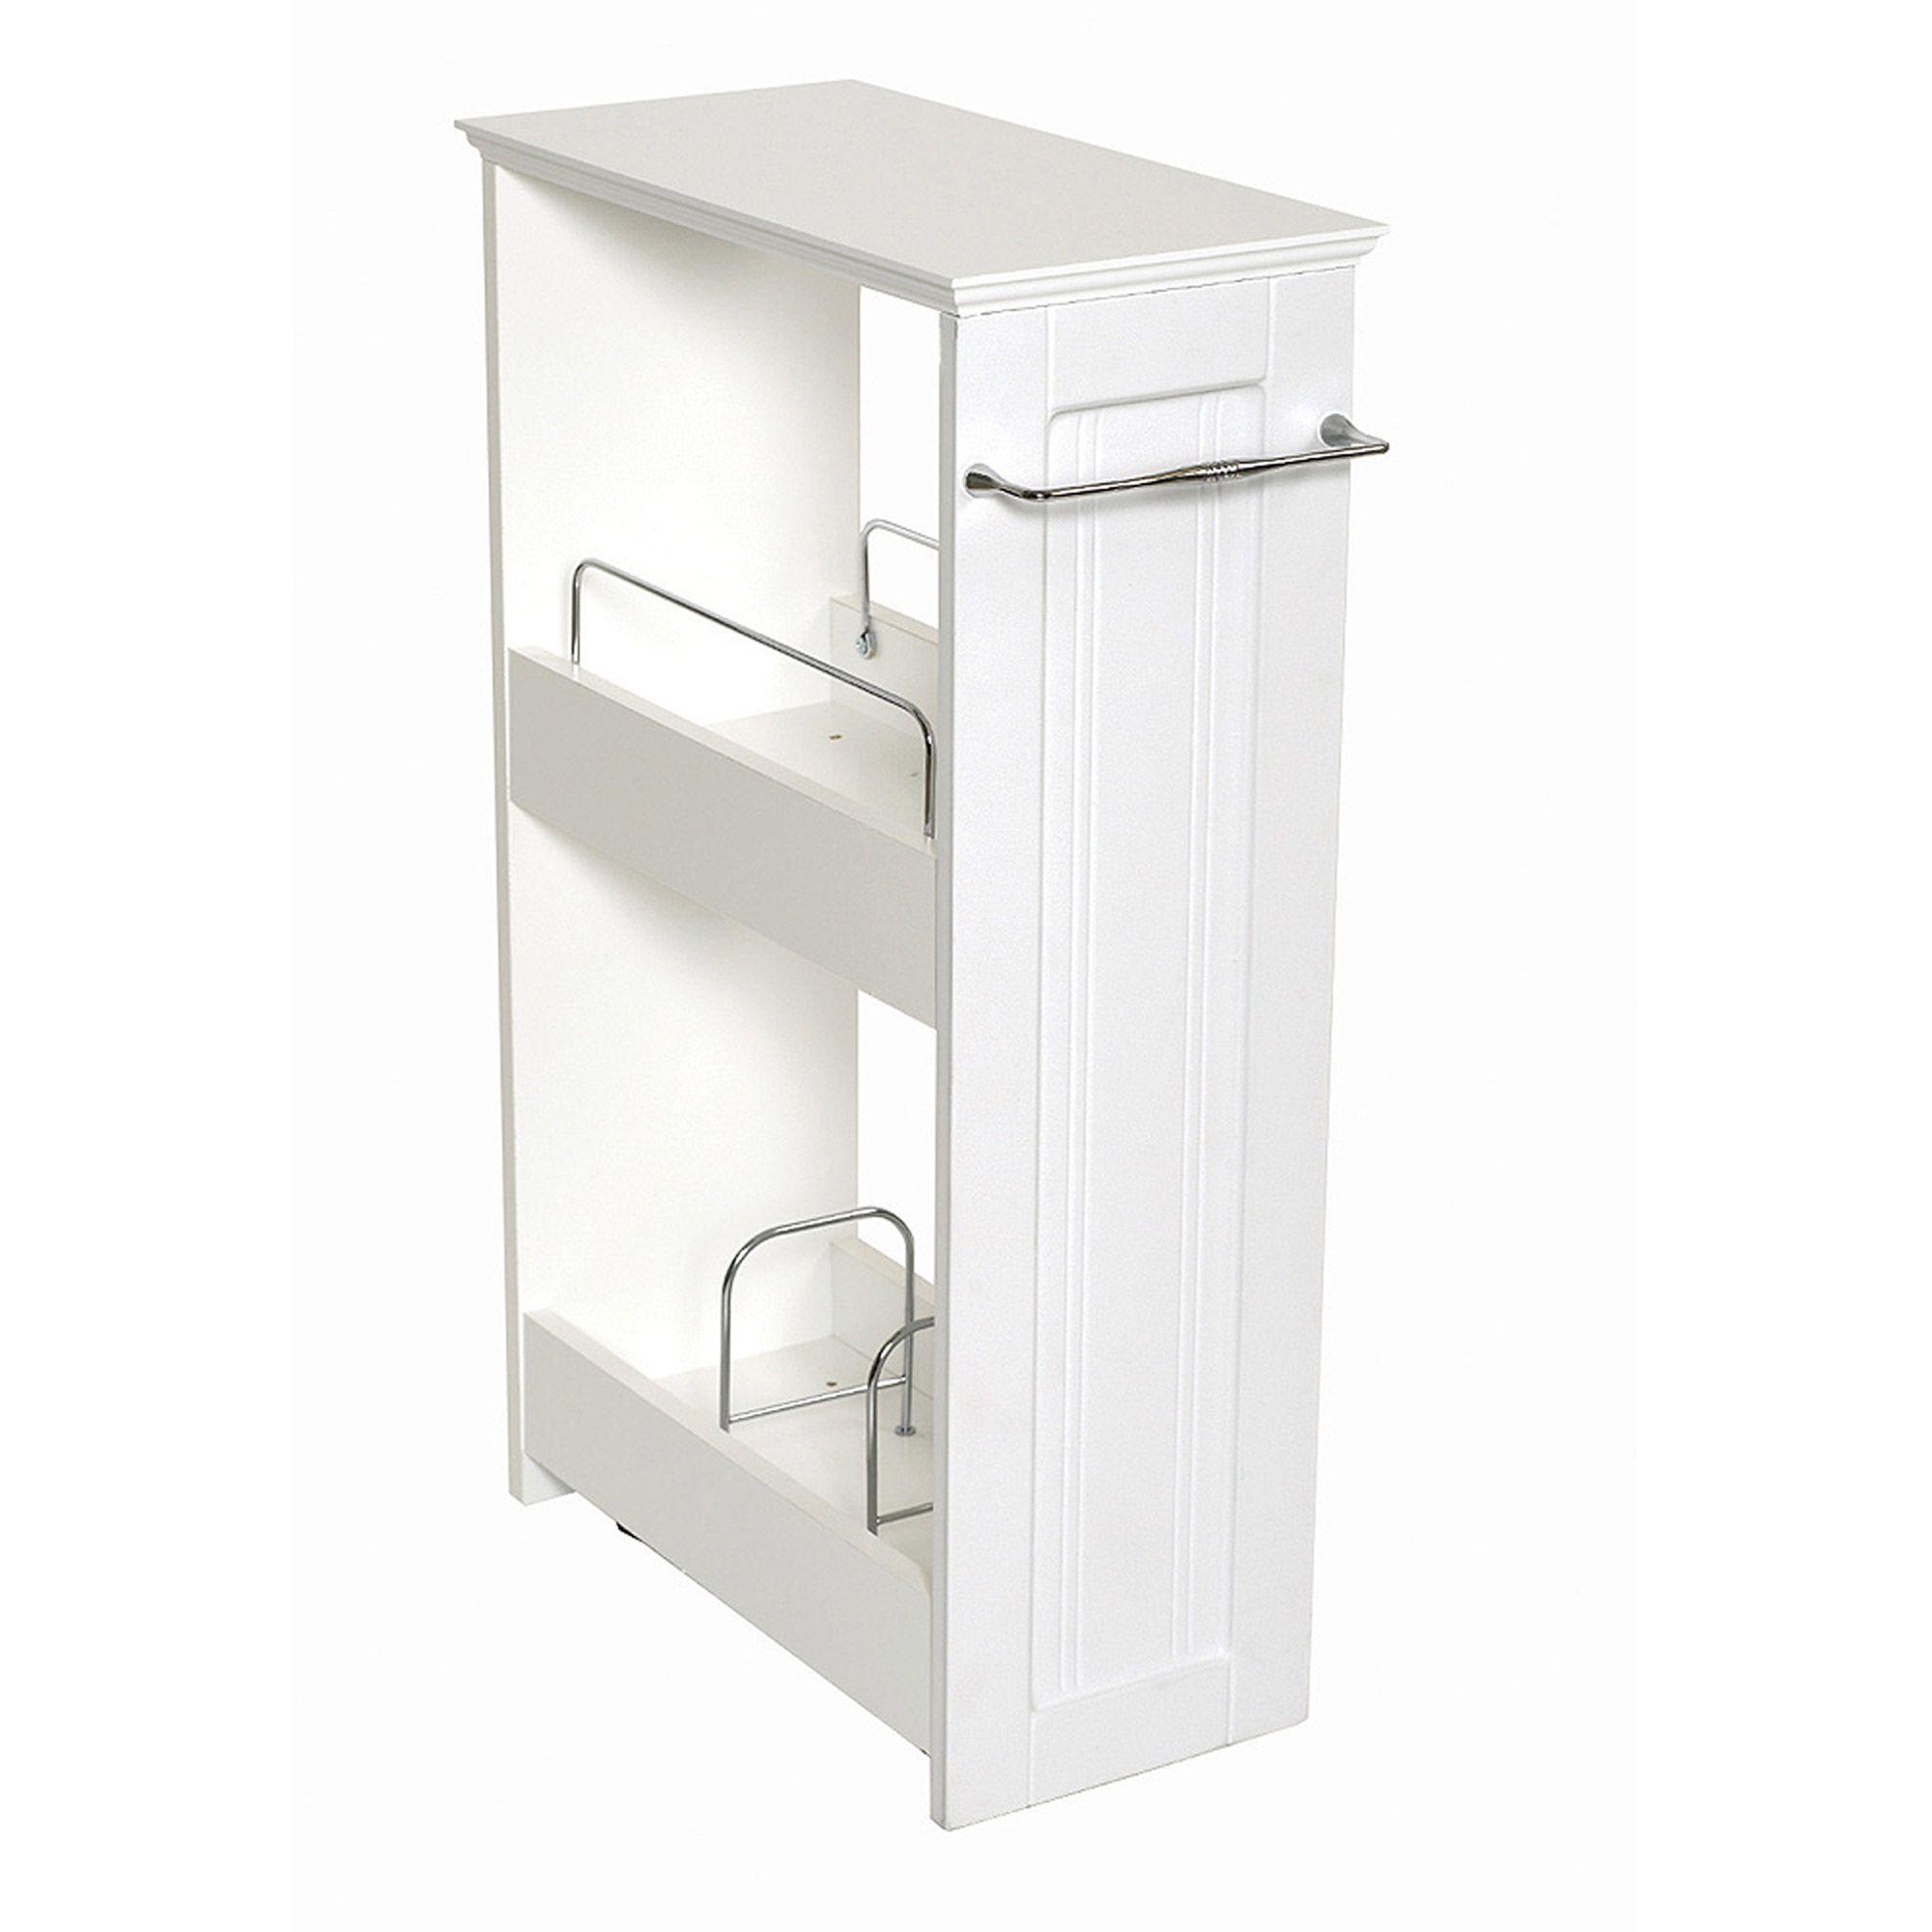 Slim Storage Cabinet Kitchen